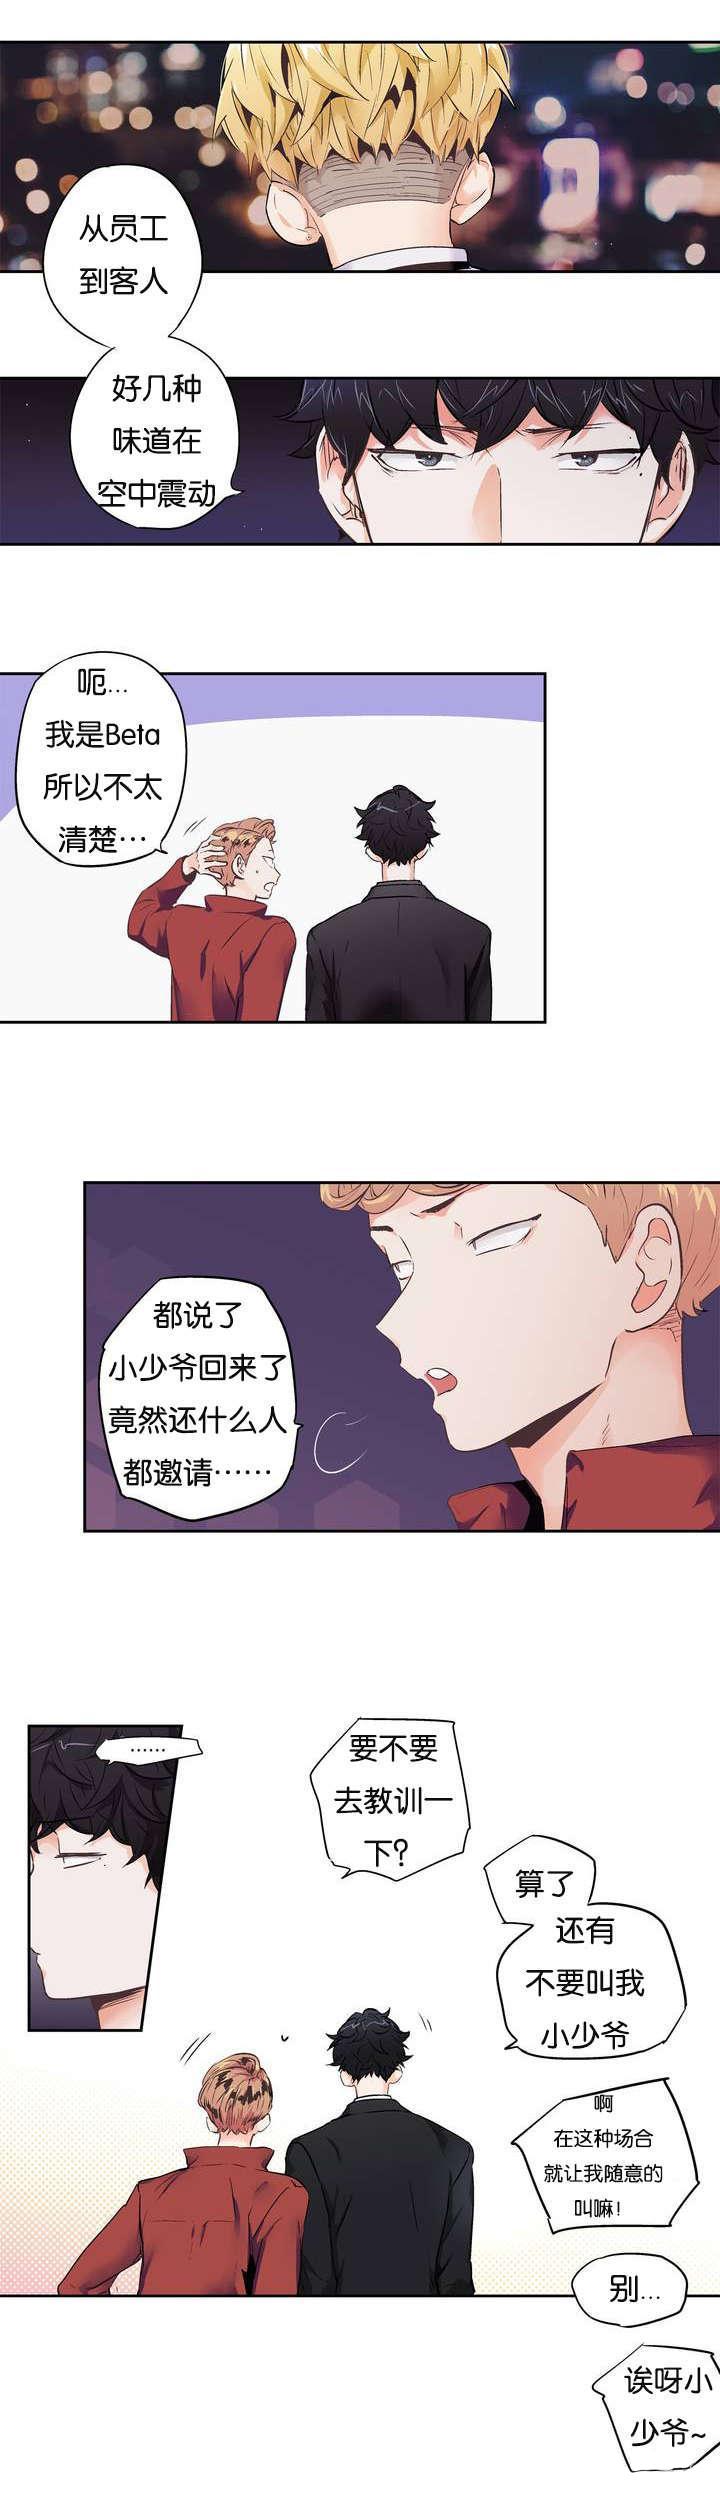 爱情是幻想-漫画完整版资源汉化_全集在线阅读-啵乐漫画